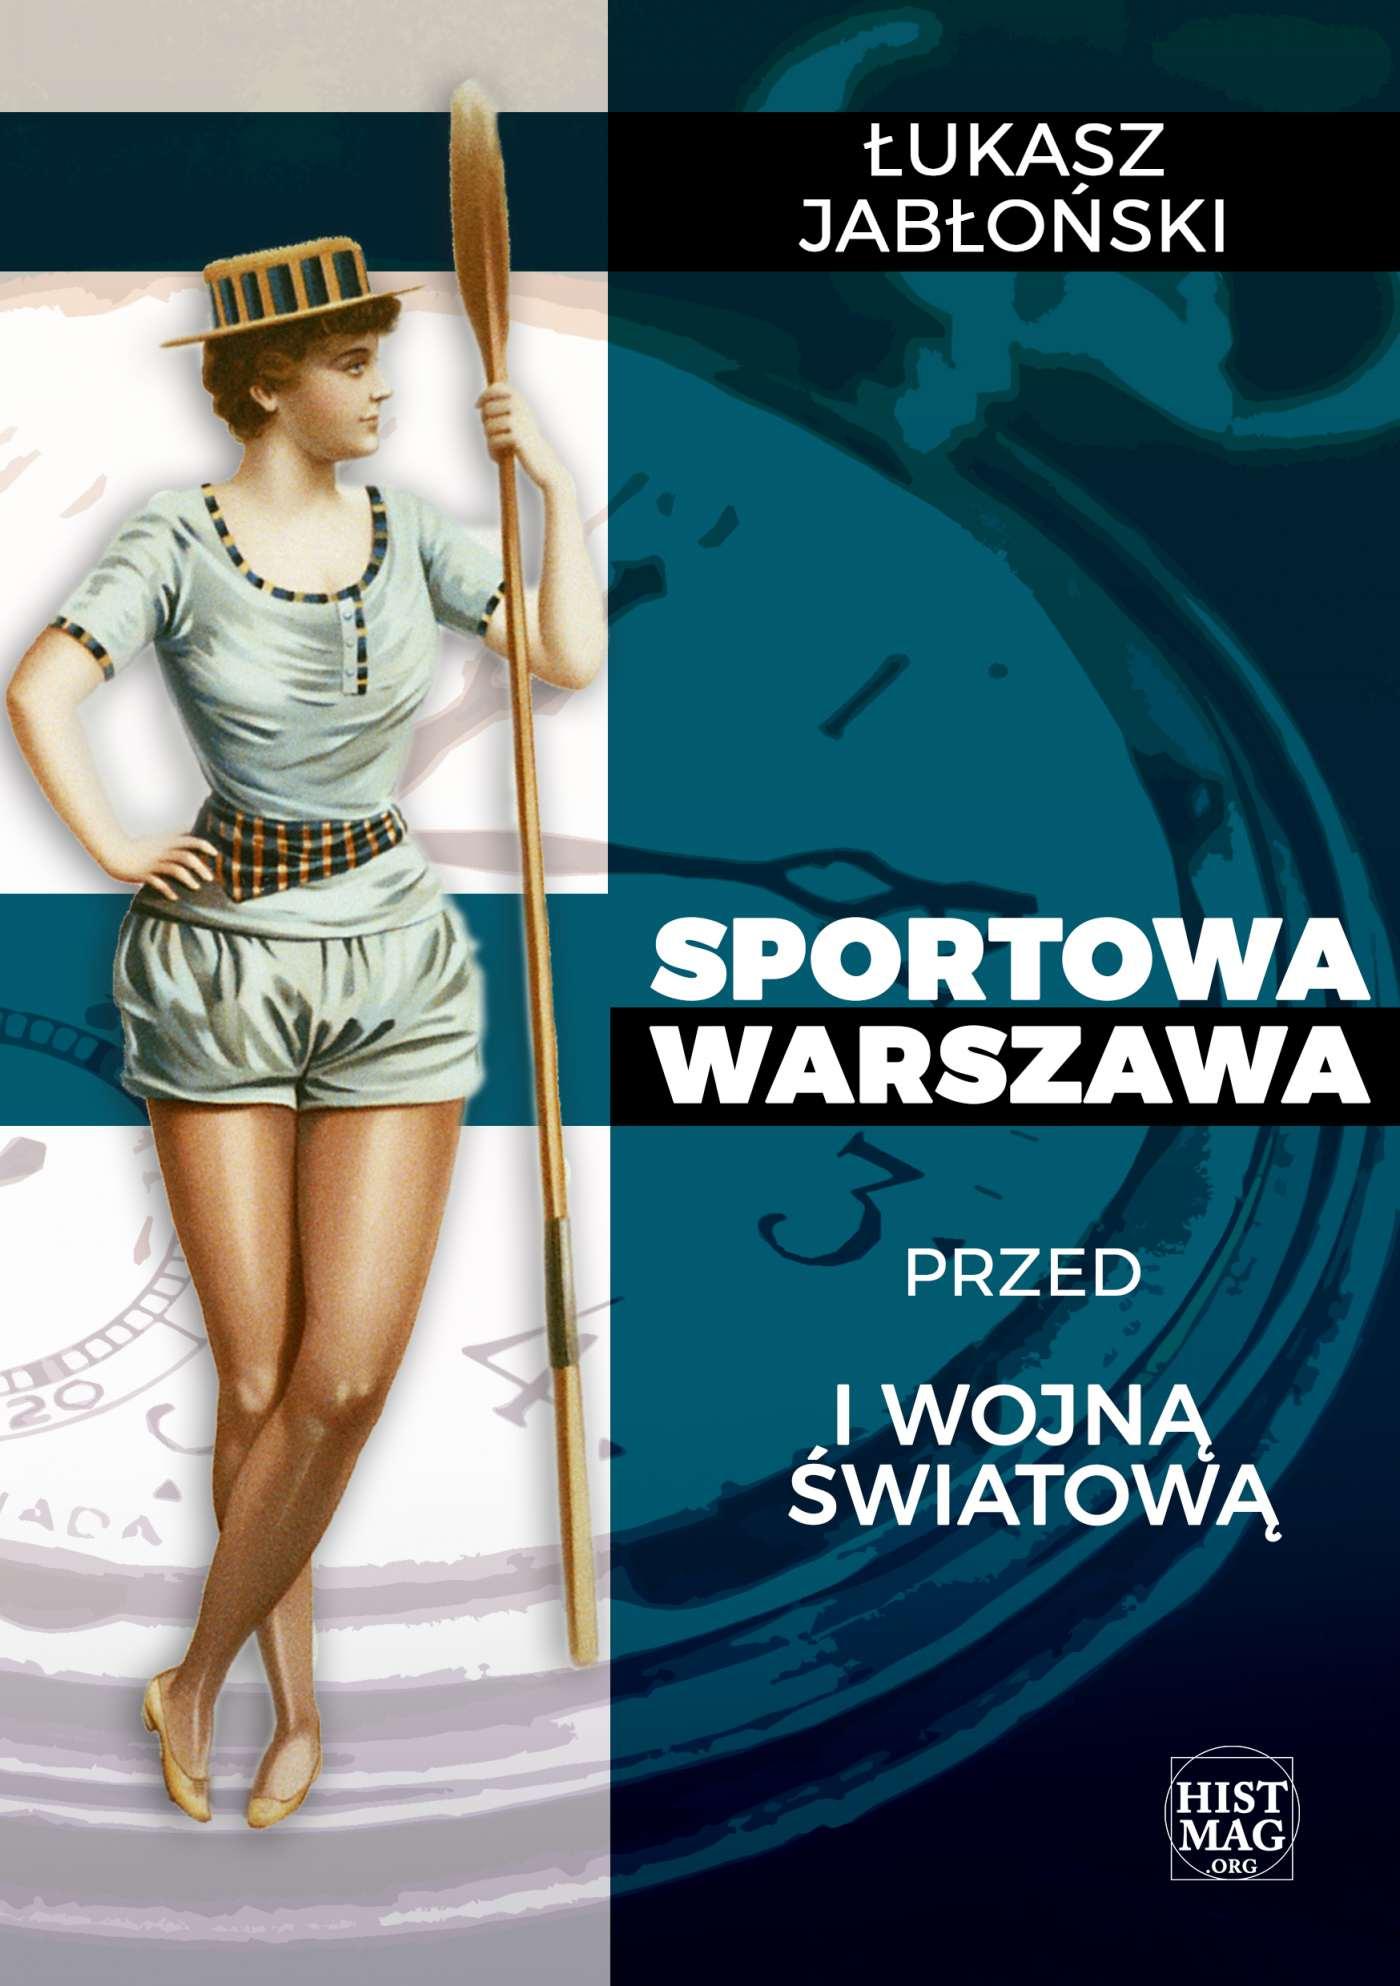 Sportowa Warszawa przed I wojną światową - Ebook (Książka EPUB) do pobrania w formacie EPUB